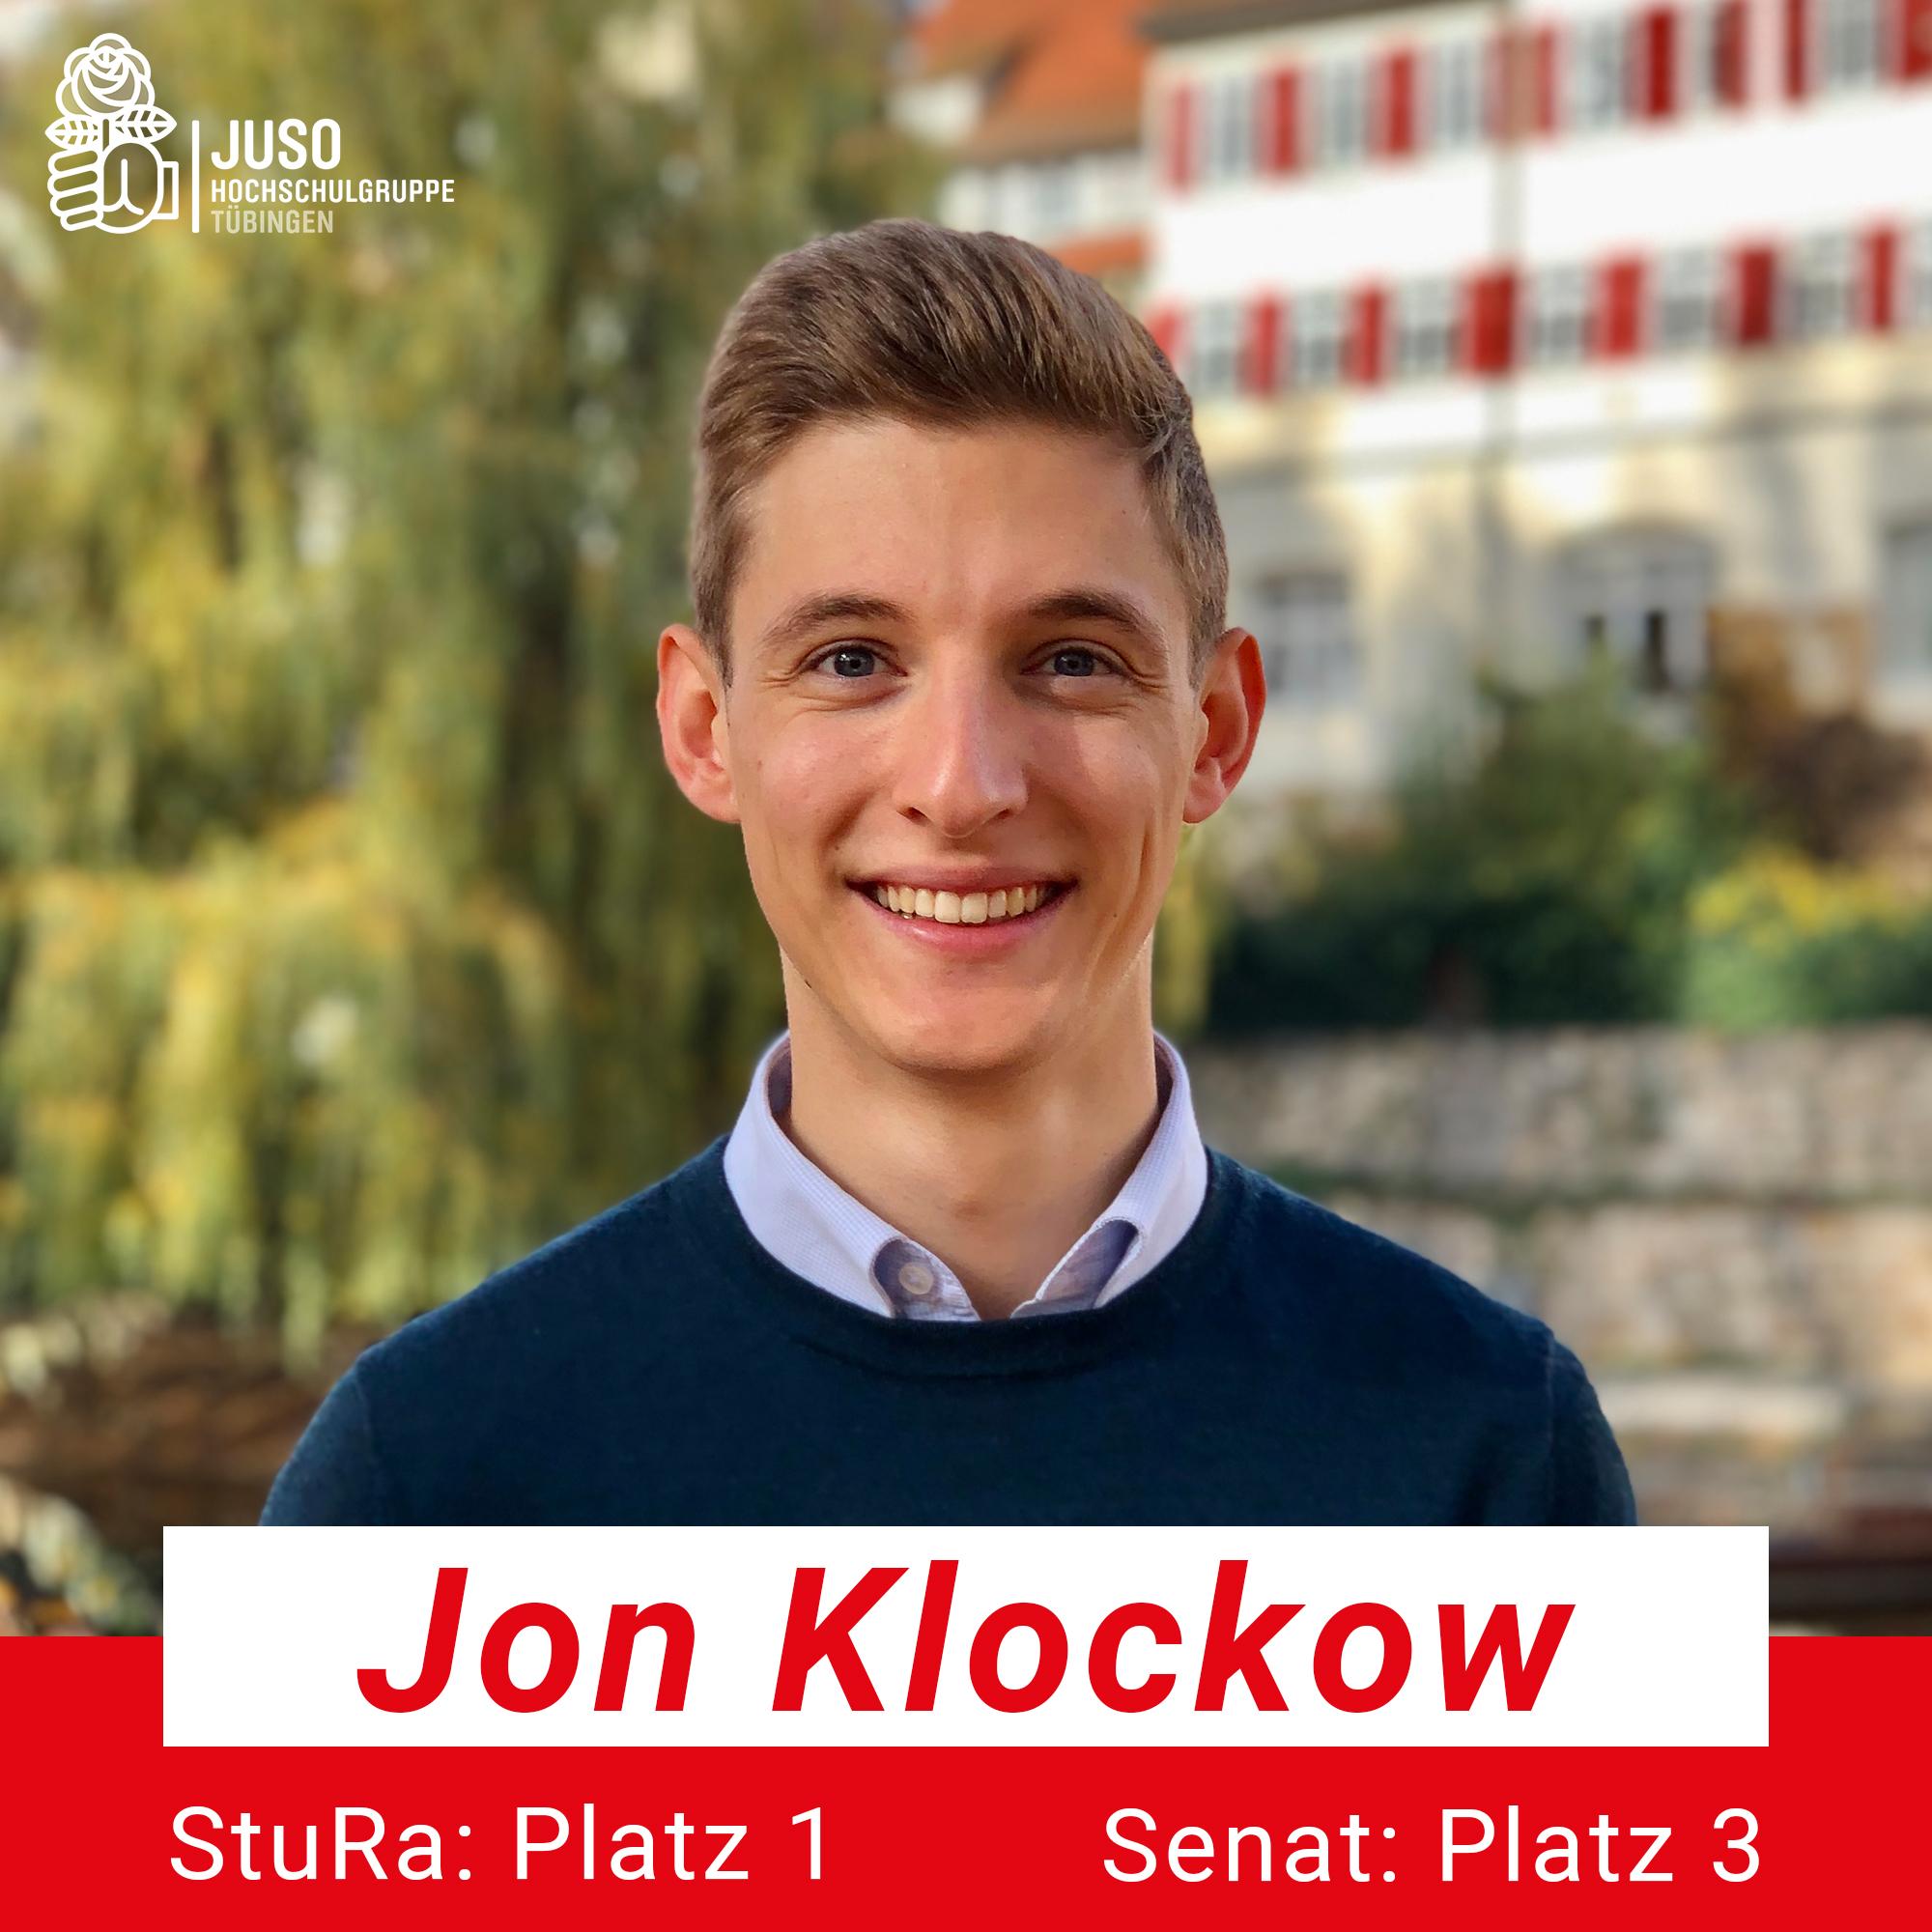 Jon Klockow